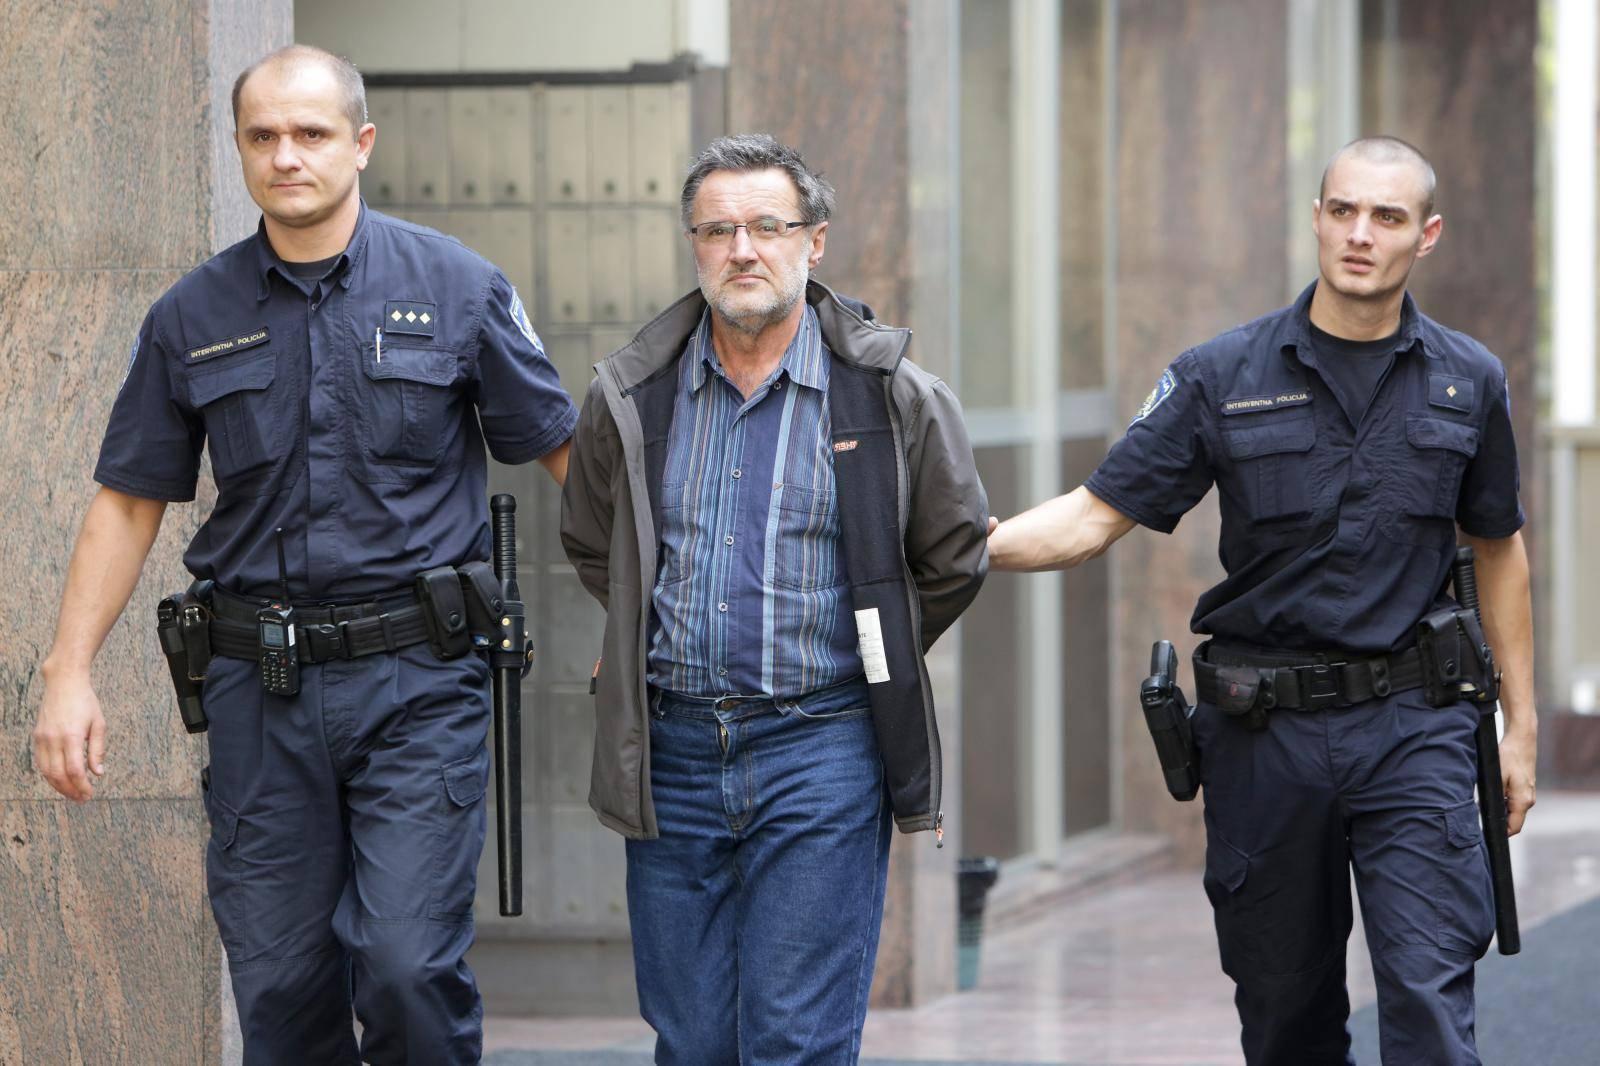 Ubojicu iz Senja osudili na 40 godina, morat će i na liječenje